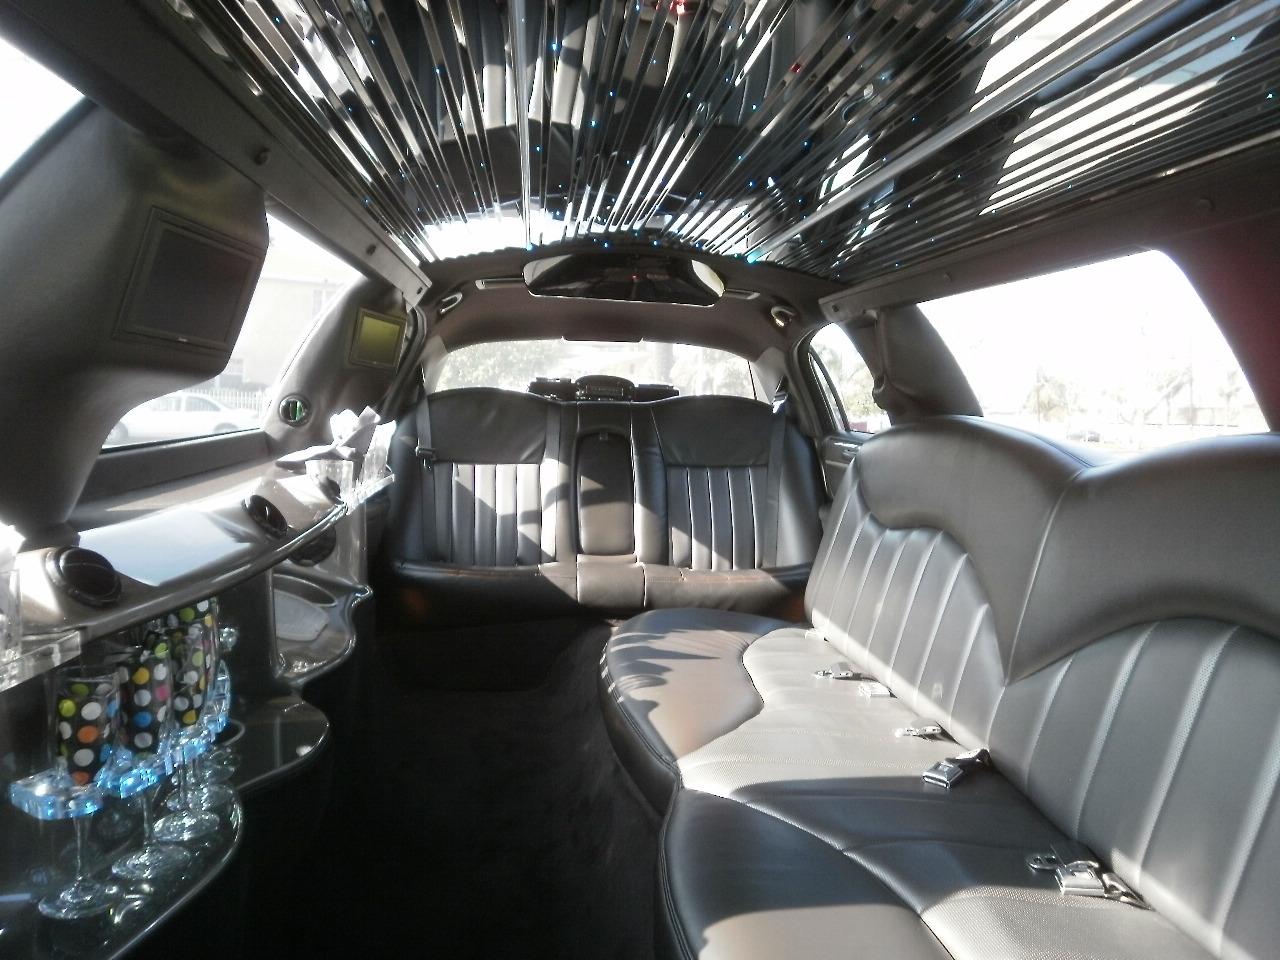 White Lincoln interior